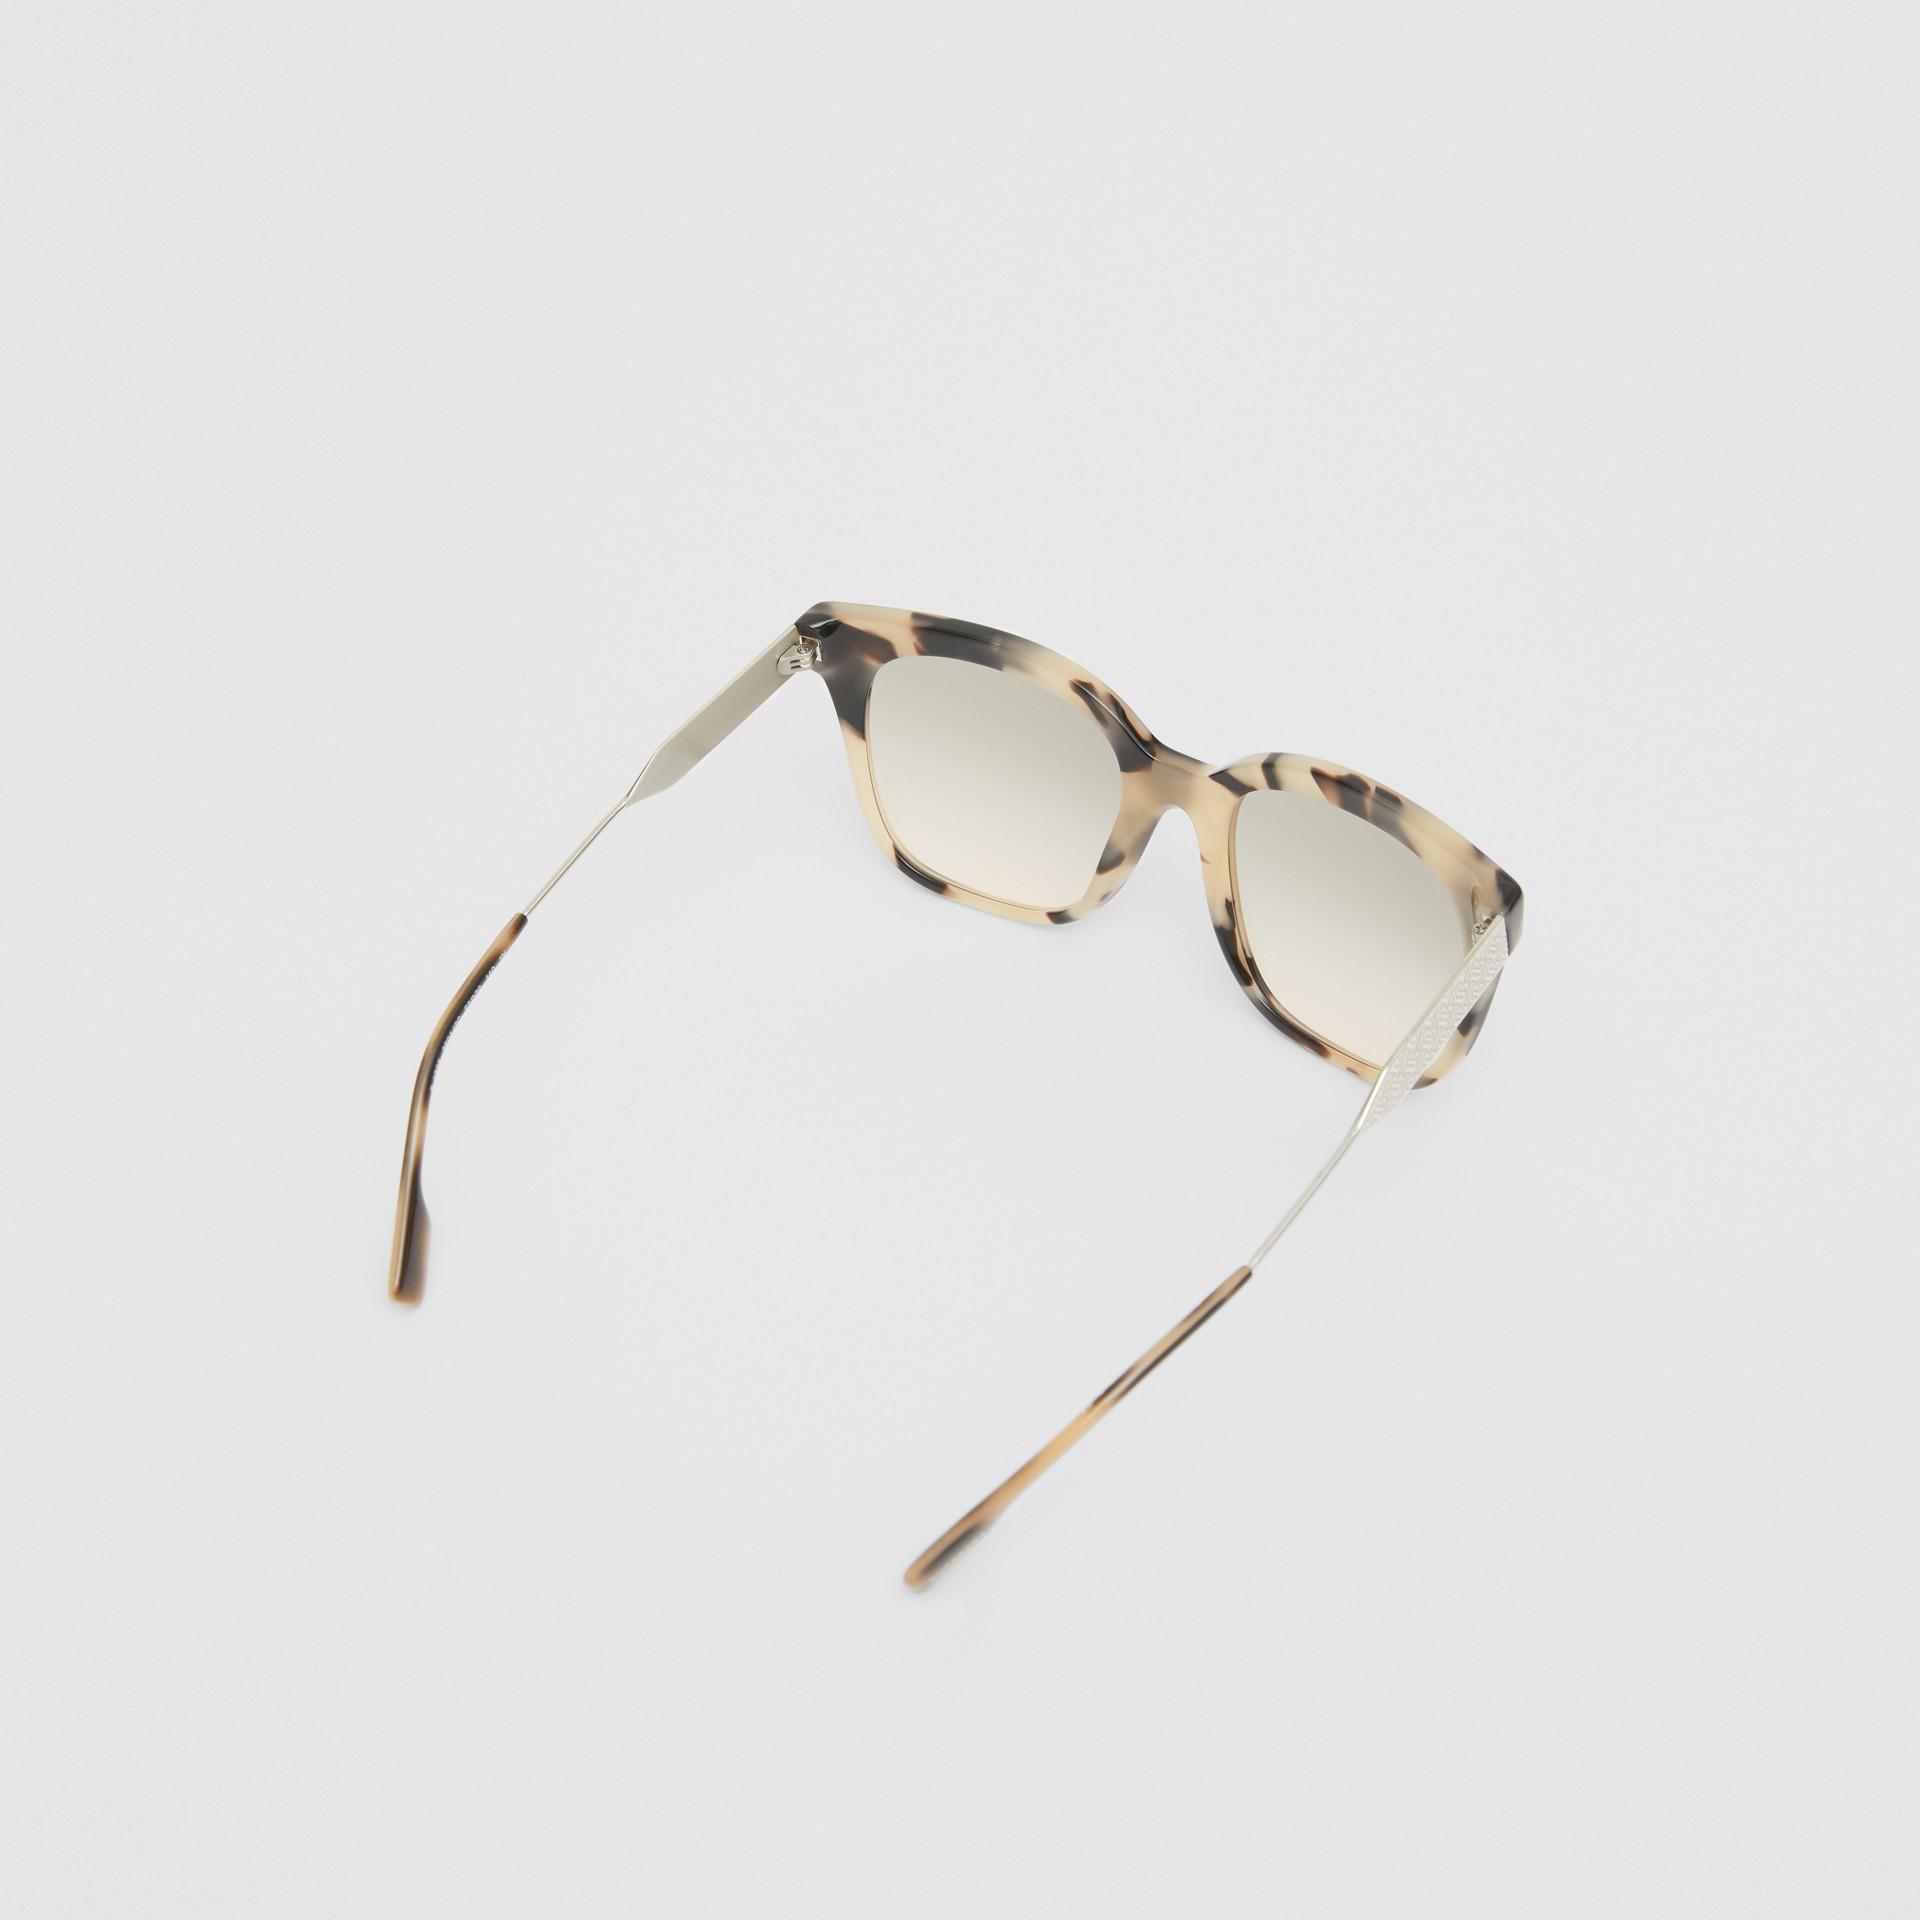 Butterfly Frame Sunglasses in Honey Tortoiseshell - Women | Burberry - gallery image 4